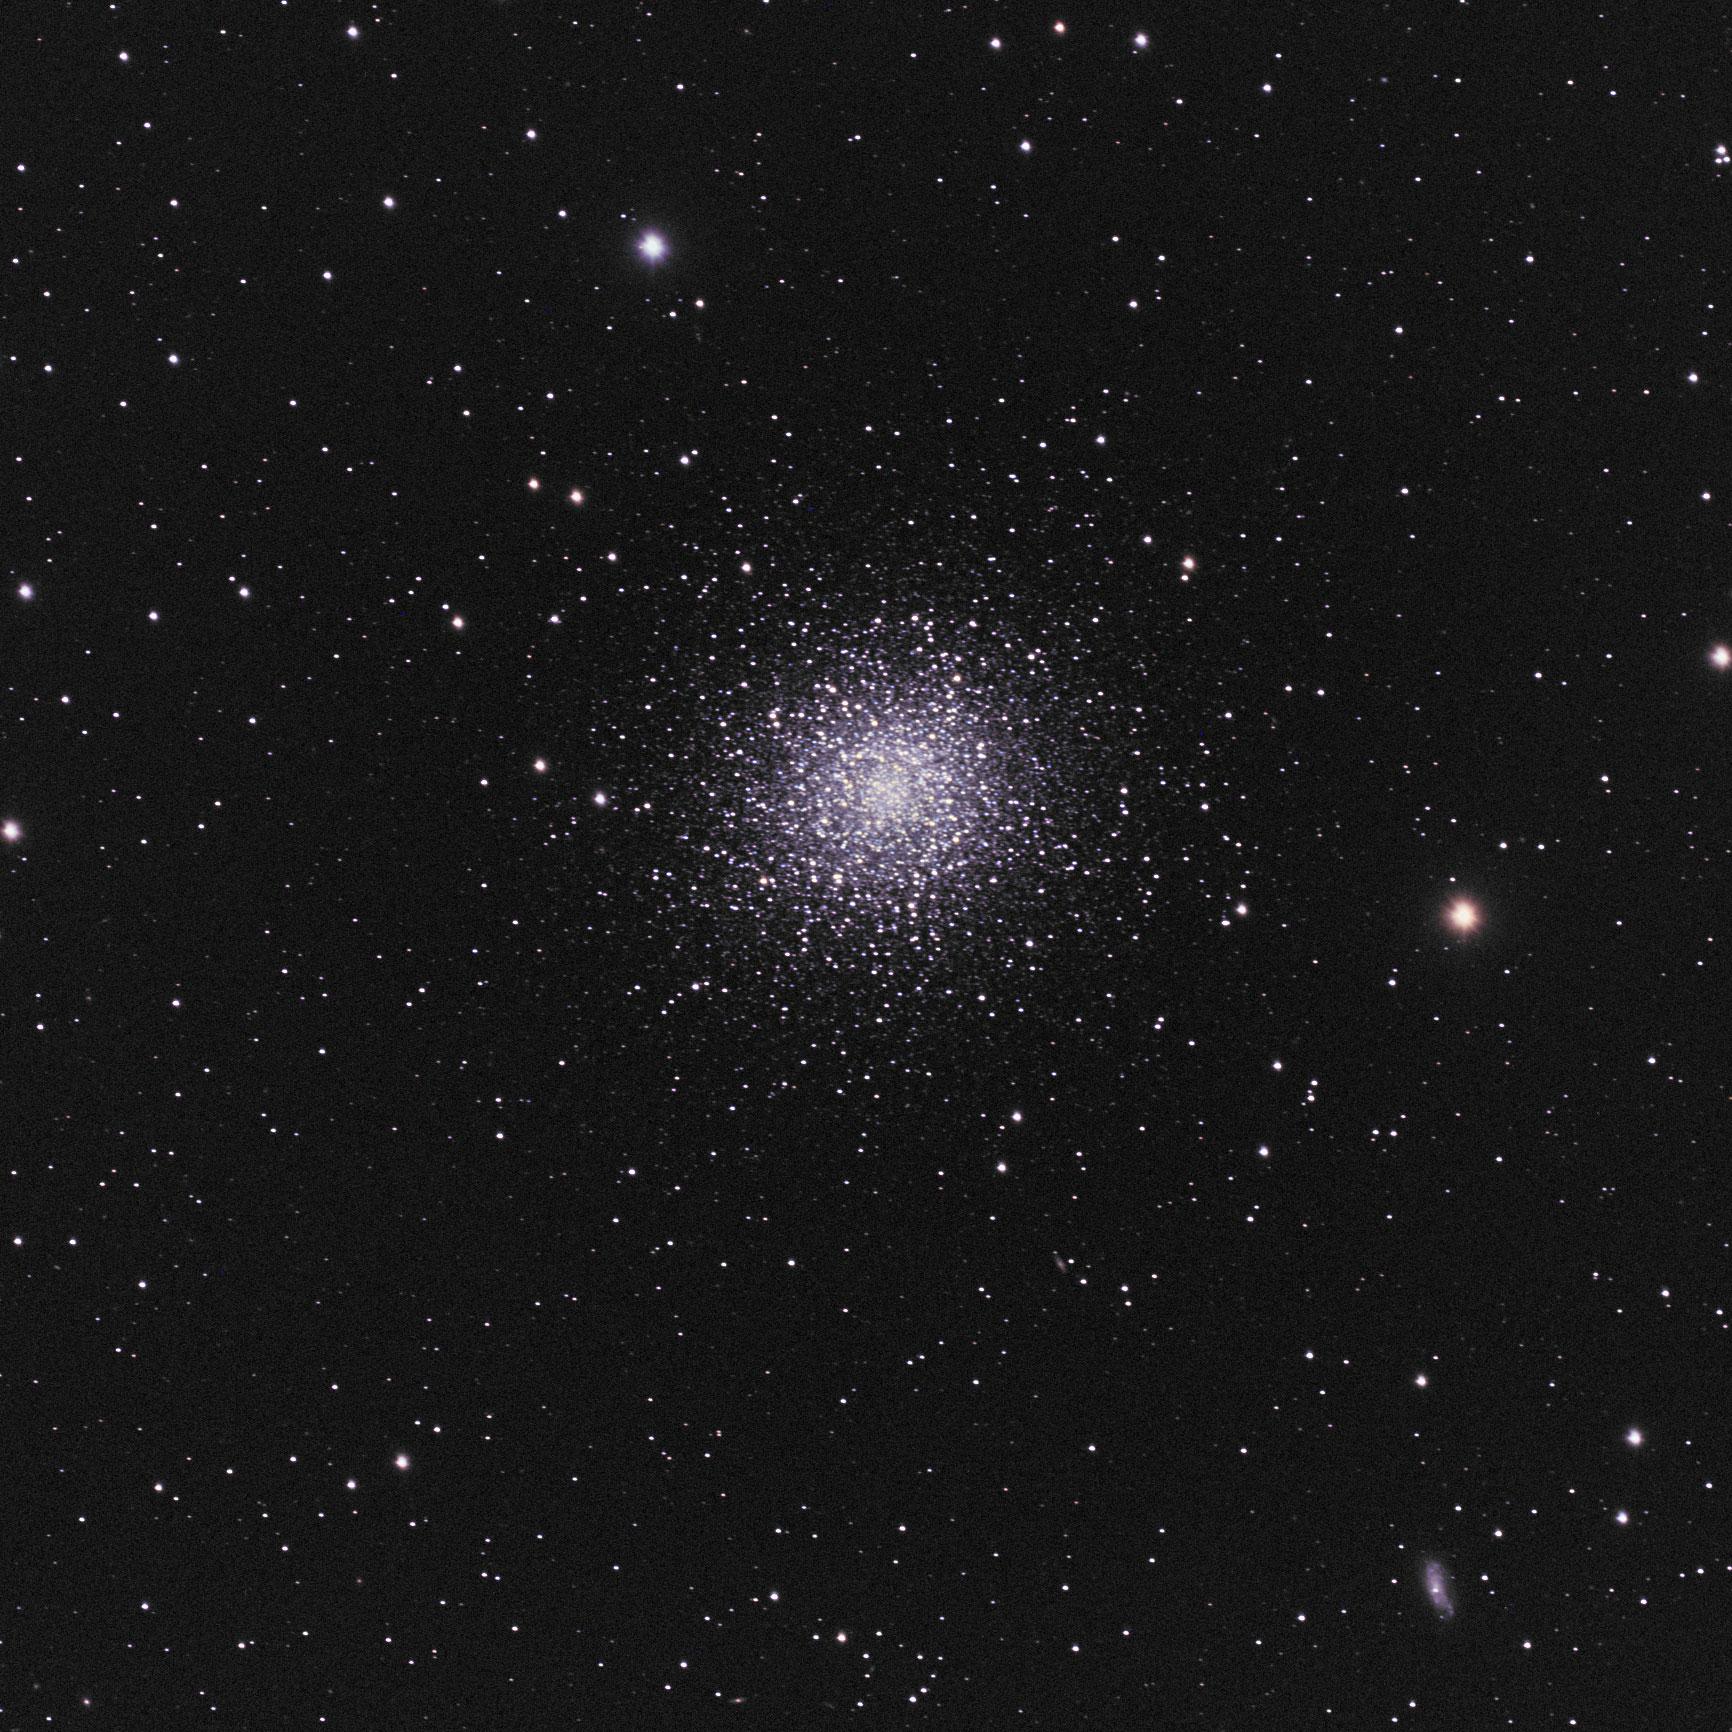 M13, the Great Globular Cluster in Hercules Credit: Mike Barrett